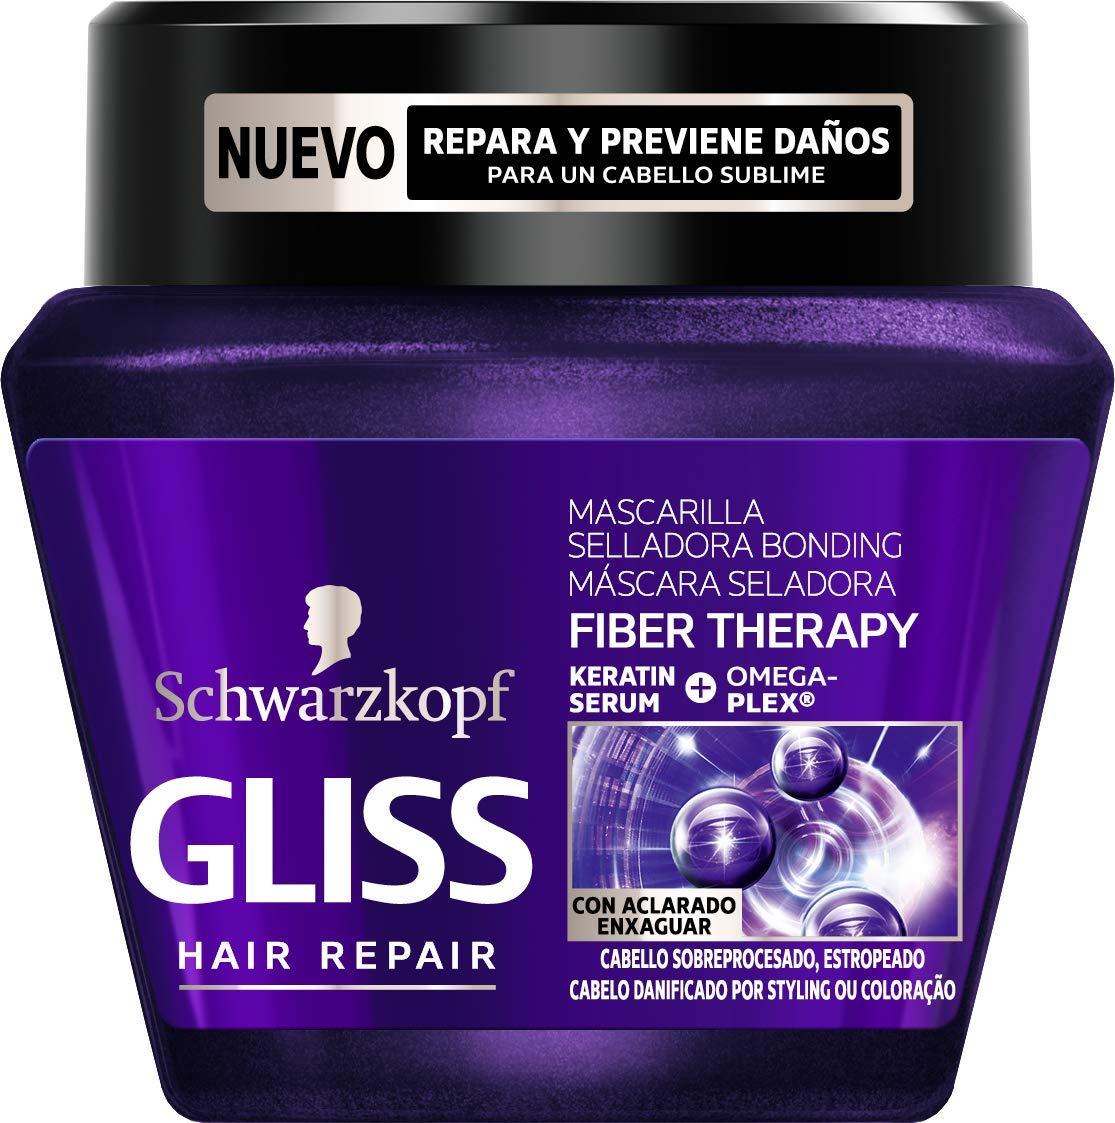 Gliss - Mascarilla Fiber Therapy para cabello sobreprocesado ...